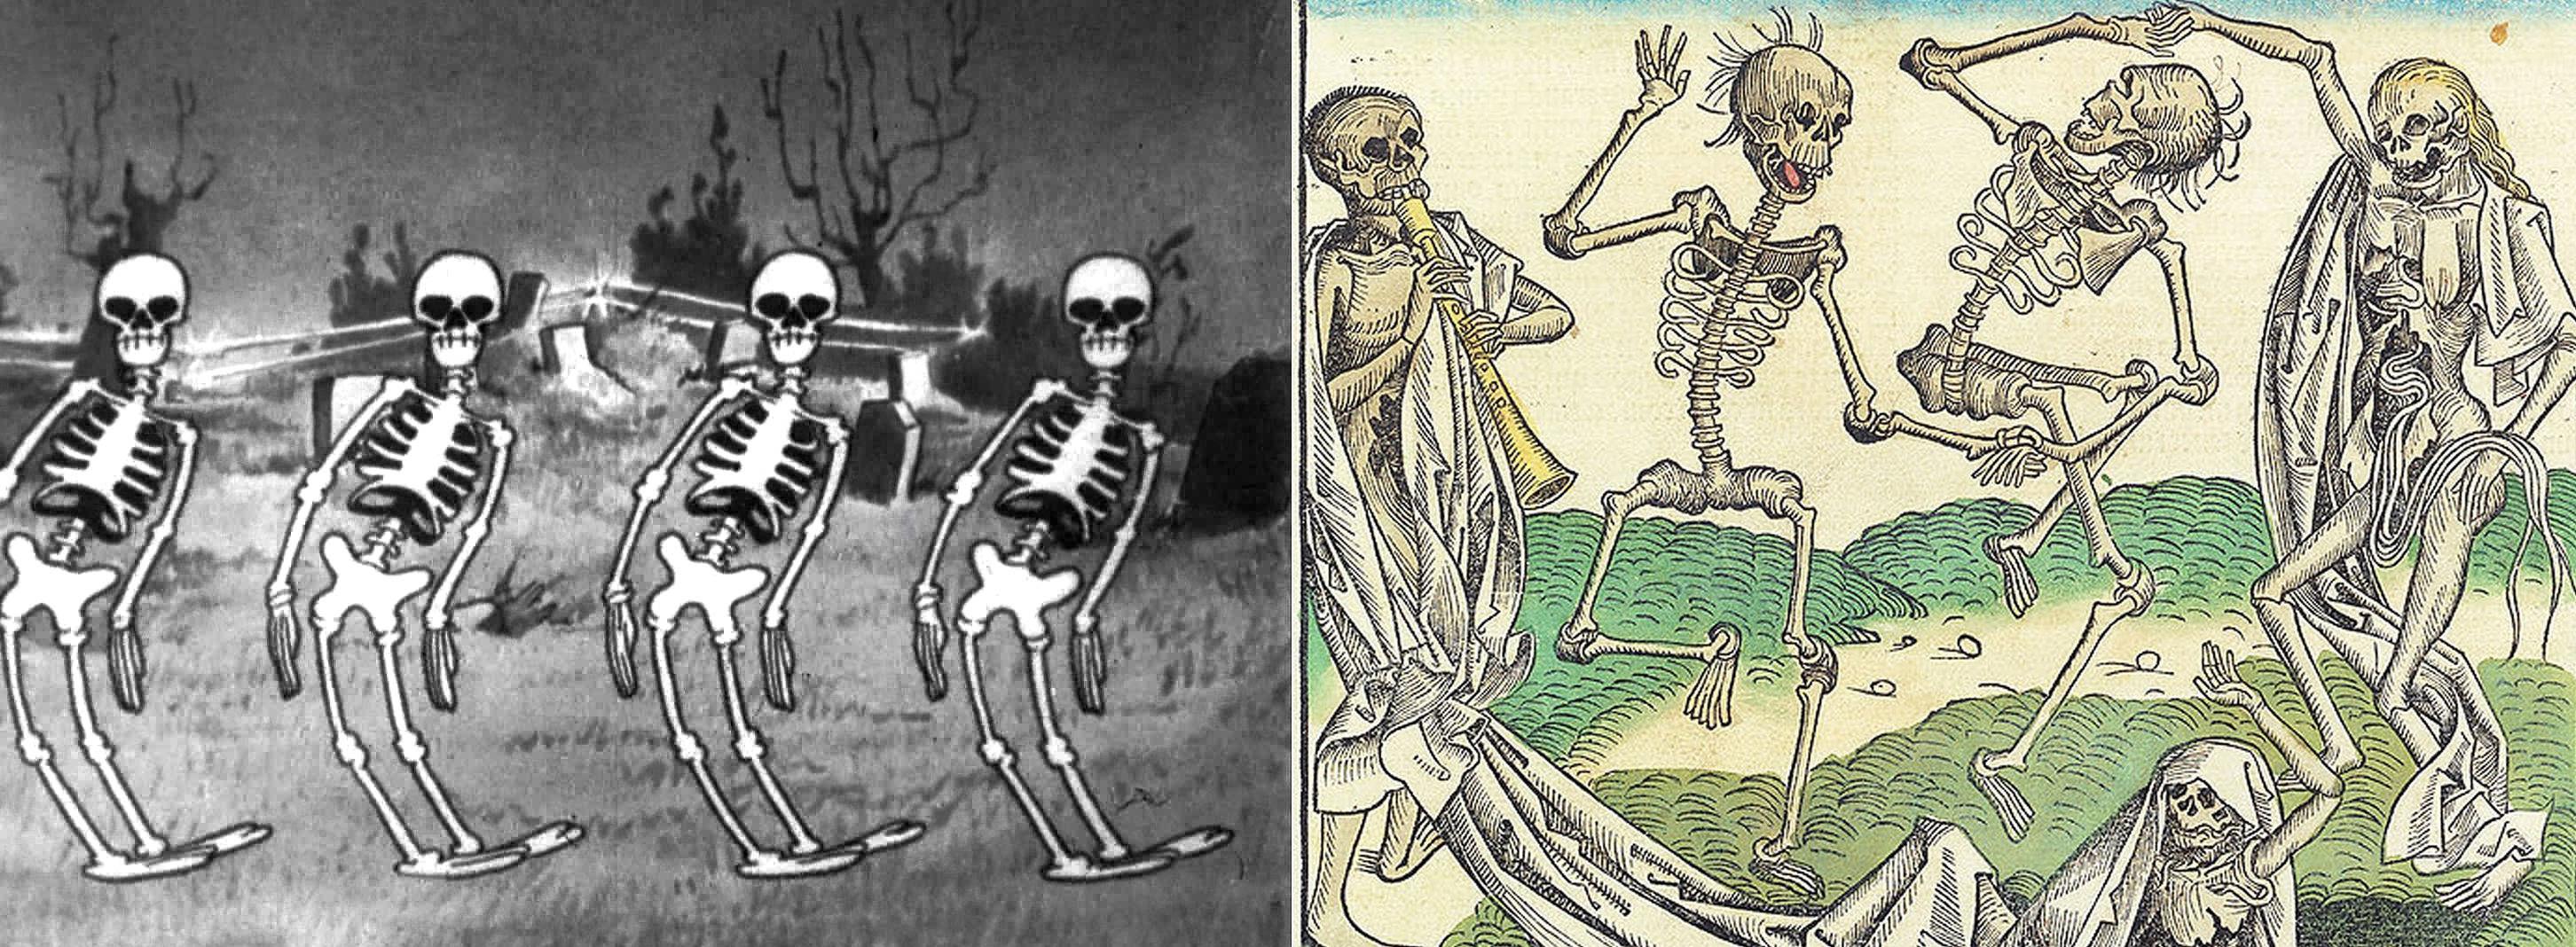 Walt Disney, Skeleton dance - Silly Symphonies, 1929 / Holbein l'Ancien, La Danse macabre, 1493